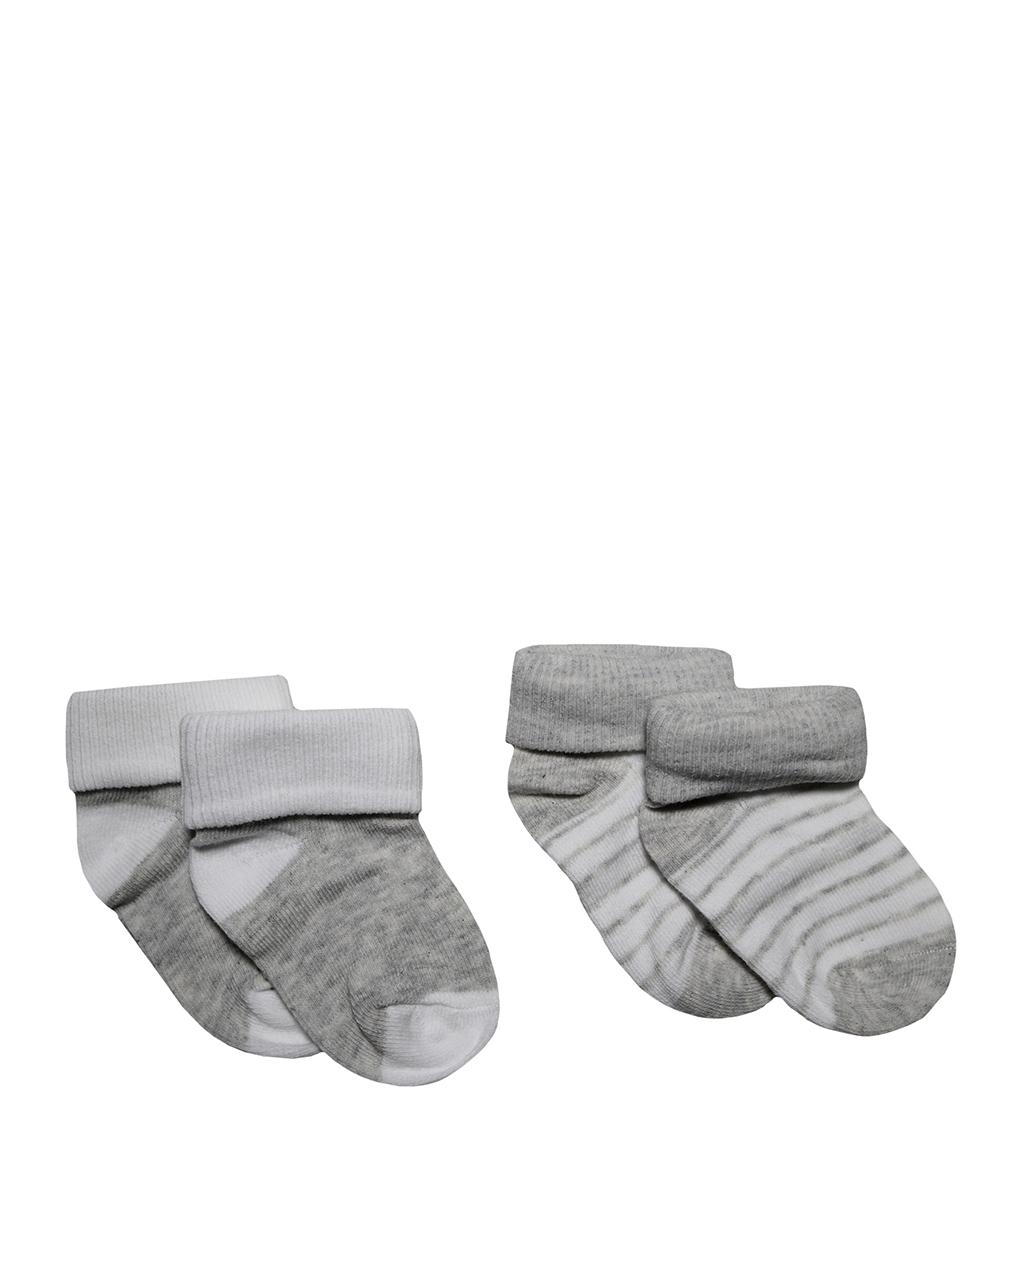 Κάλτσες Γκρι Πακέτο Χ2 Unisex